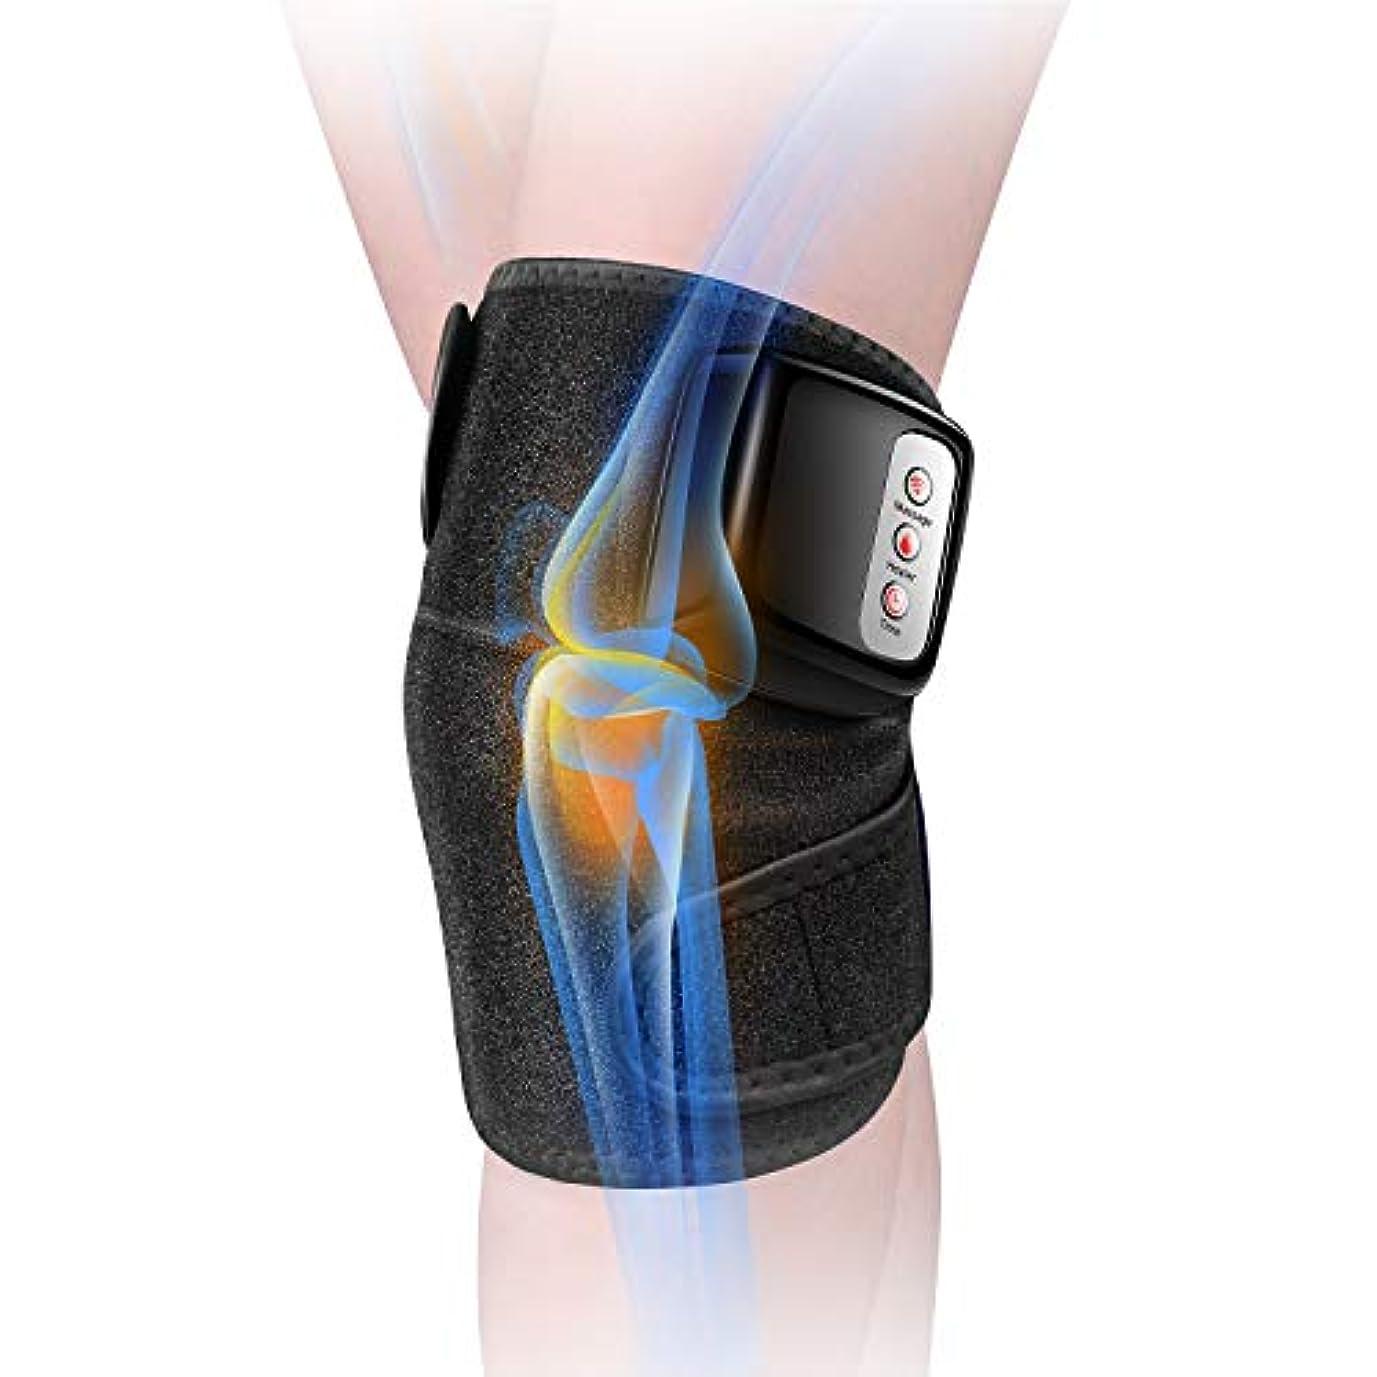 美徳事前奪う膝マッサージャー 関節マッサージャー マッサージ器 フットマッサージャー 振動 赤外線療法 温熱療法 膝サポーター ストレス解消 肩 太もも/腕対応